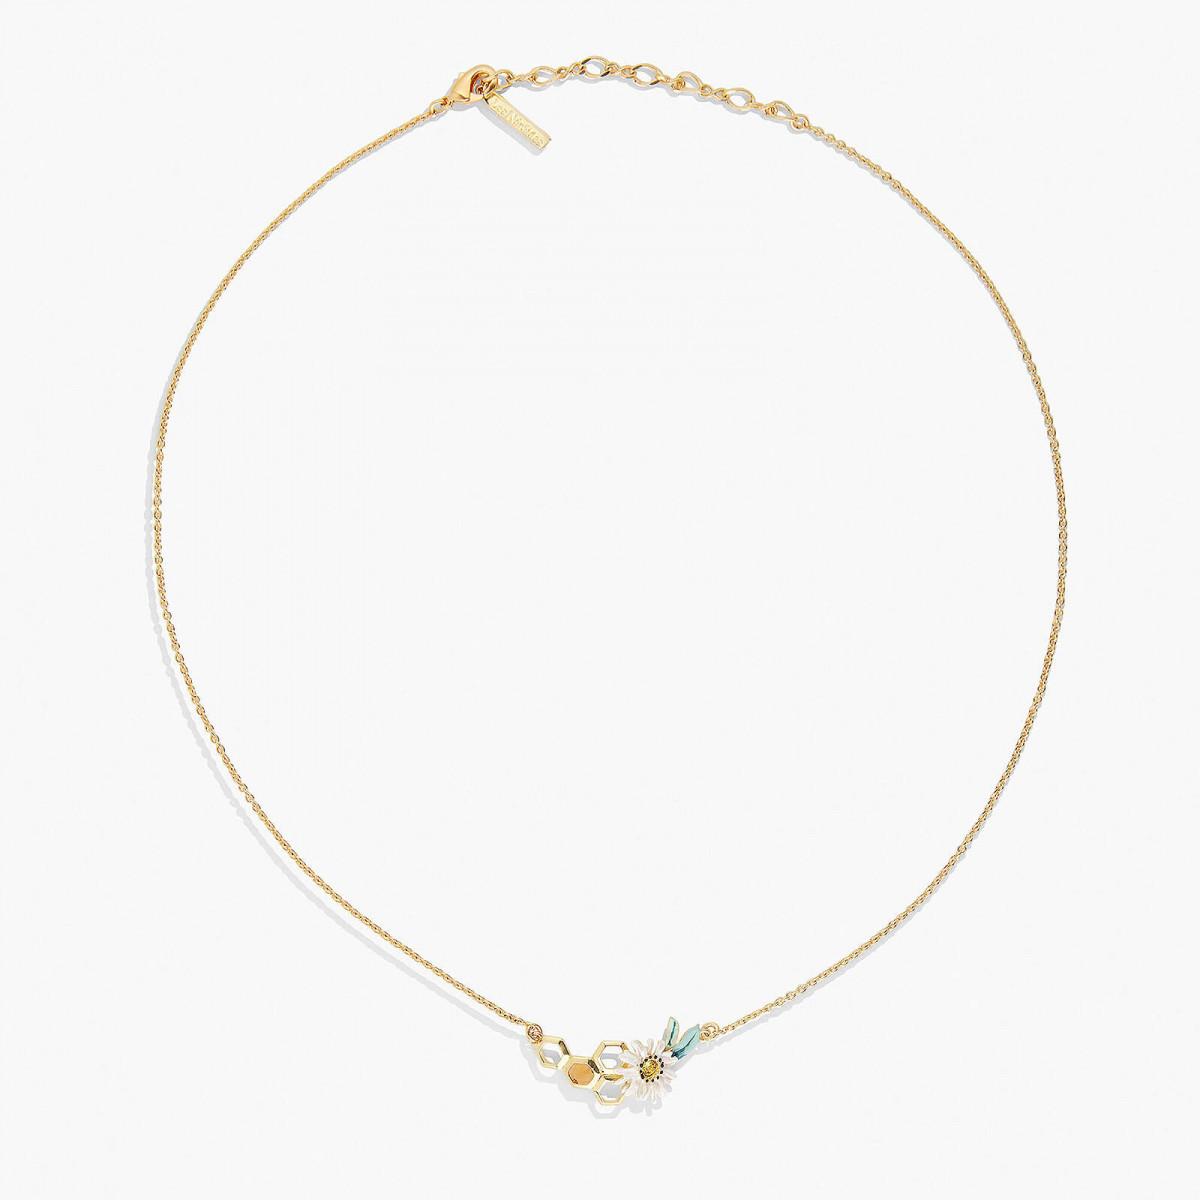 Boucles D'oreilles Clip Boucles D'oreilles Clip Petite Pierre Ronde La Diamantine Cristal50,00€ AILD118C/2Les Néréides